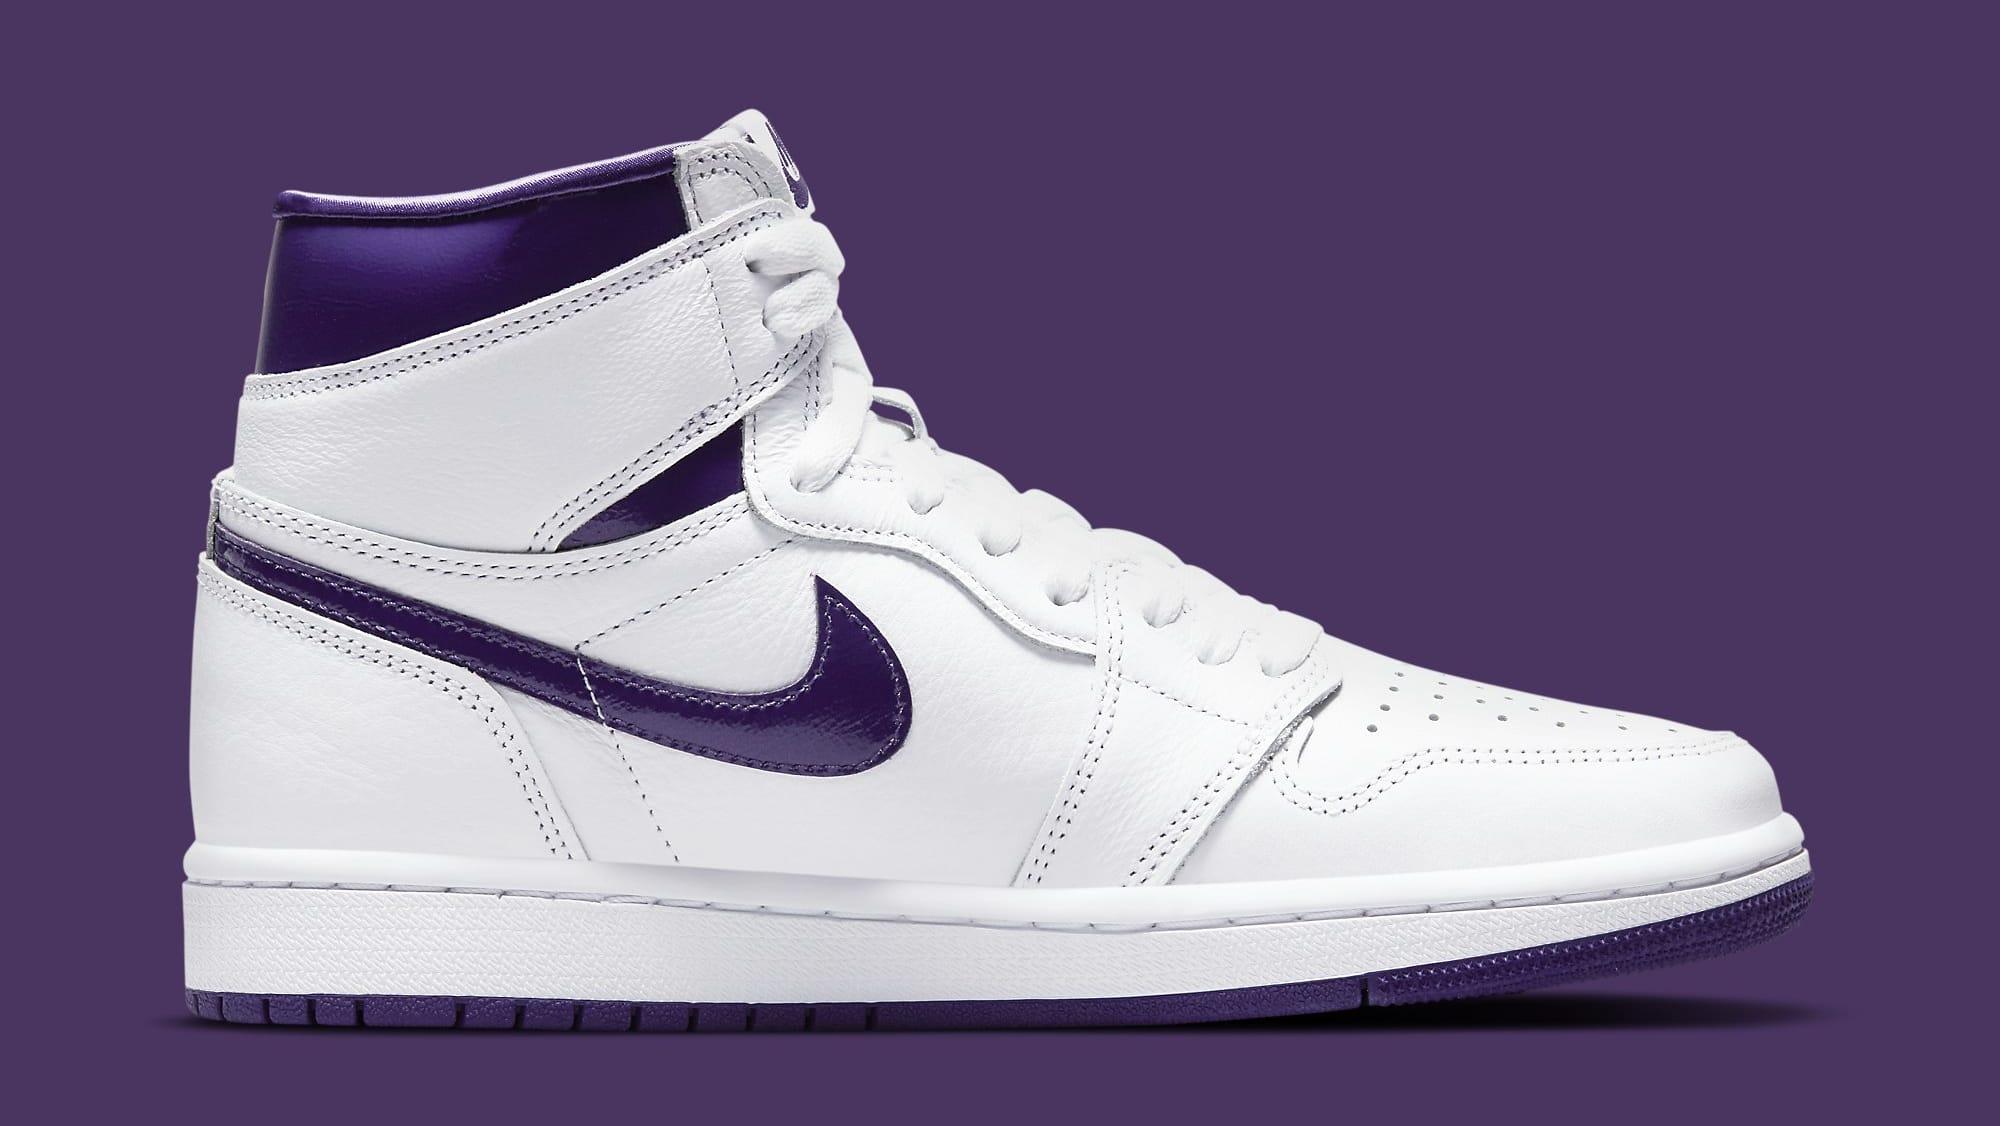 Air Jordan 1 Retro High OG Women's 'Court Purple' CD0461-151 Medial